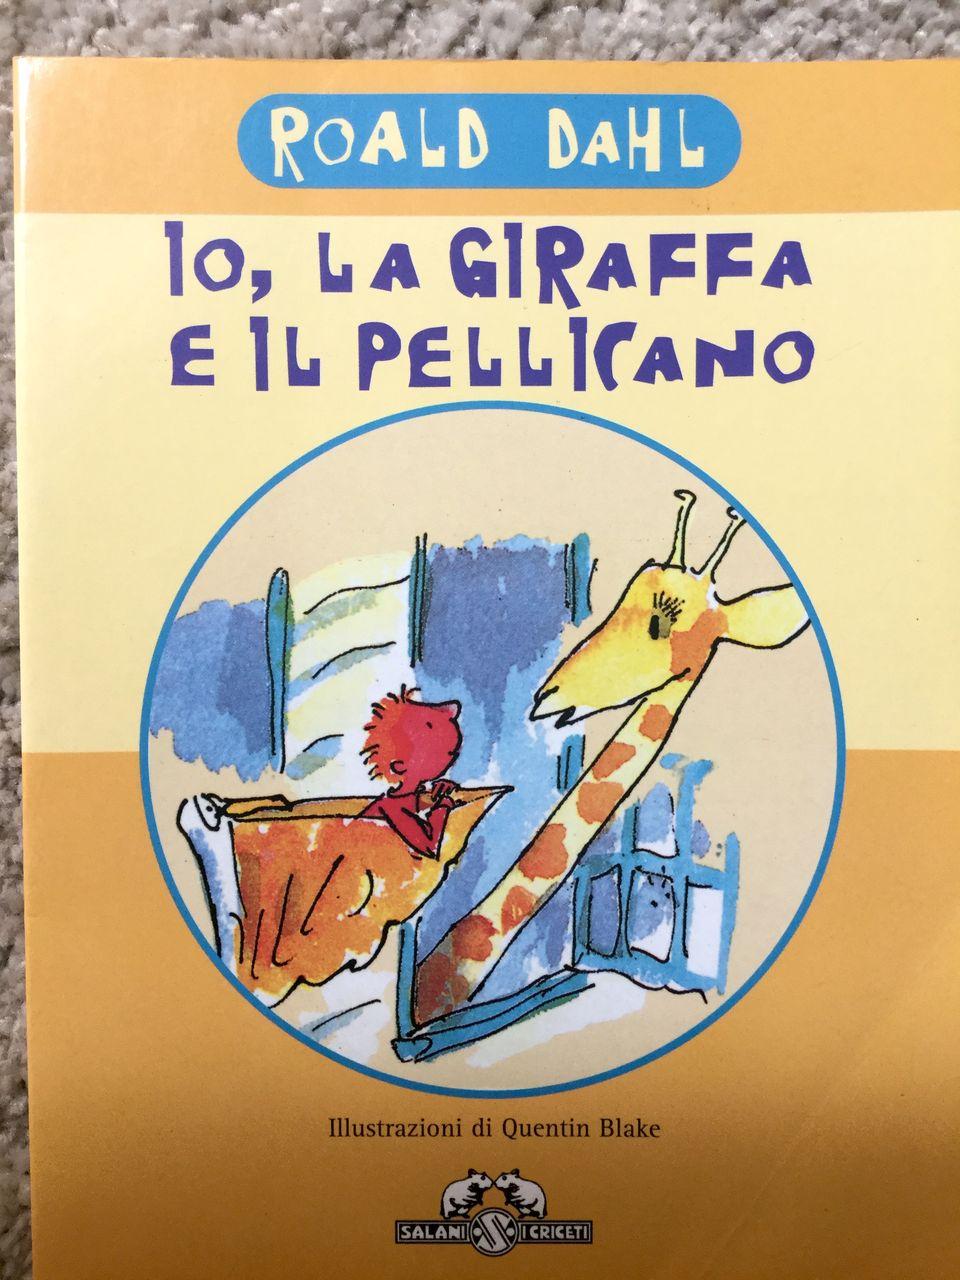 Roald Dahl, Io, la giraffa e il pellicano, Salani